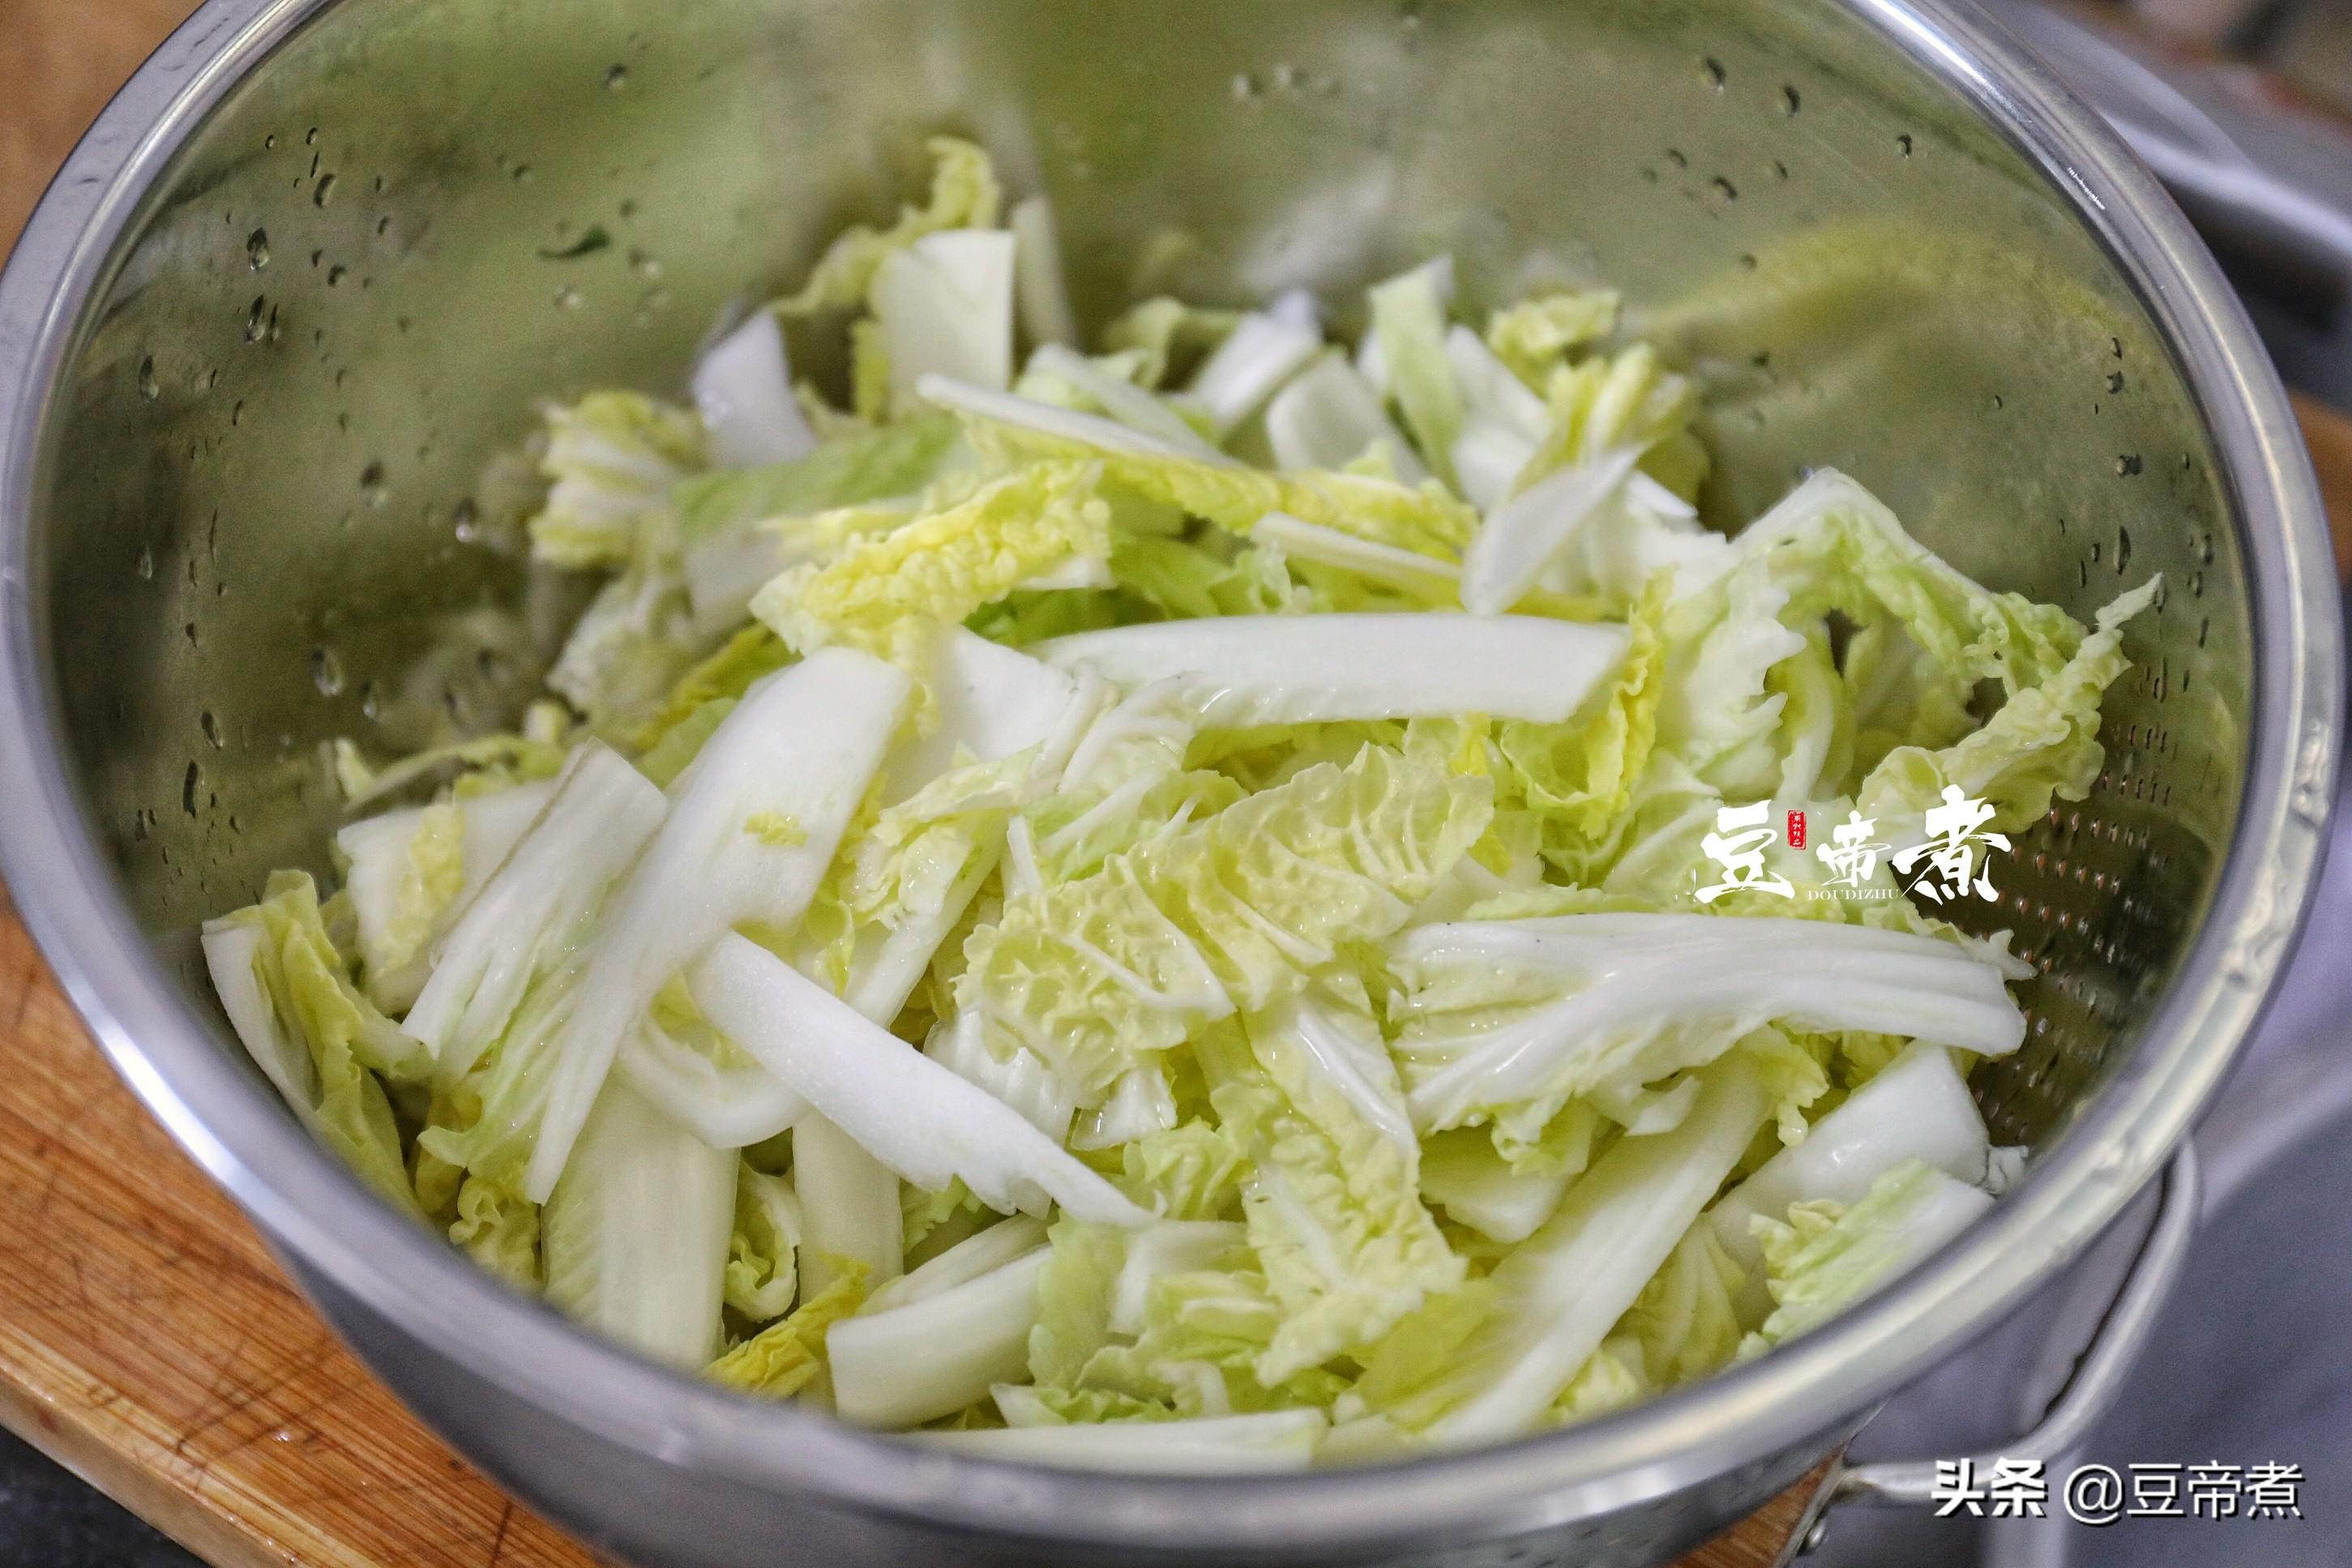 吃百菜不如吃白菜,白菜又以此菜為最好,簡單搭配水煮味道極好